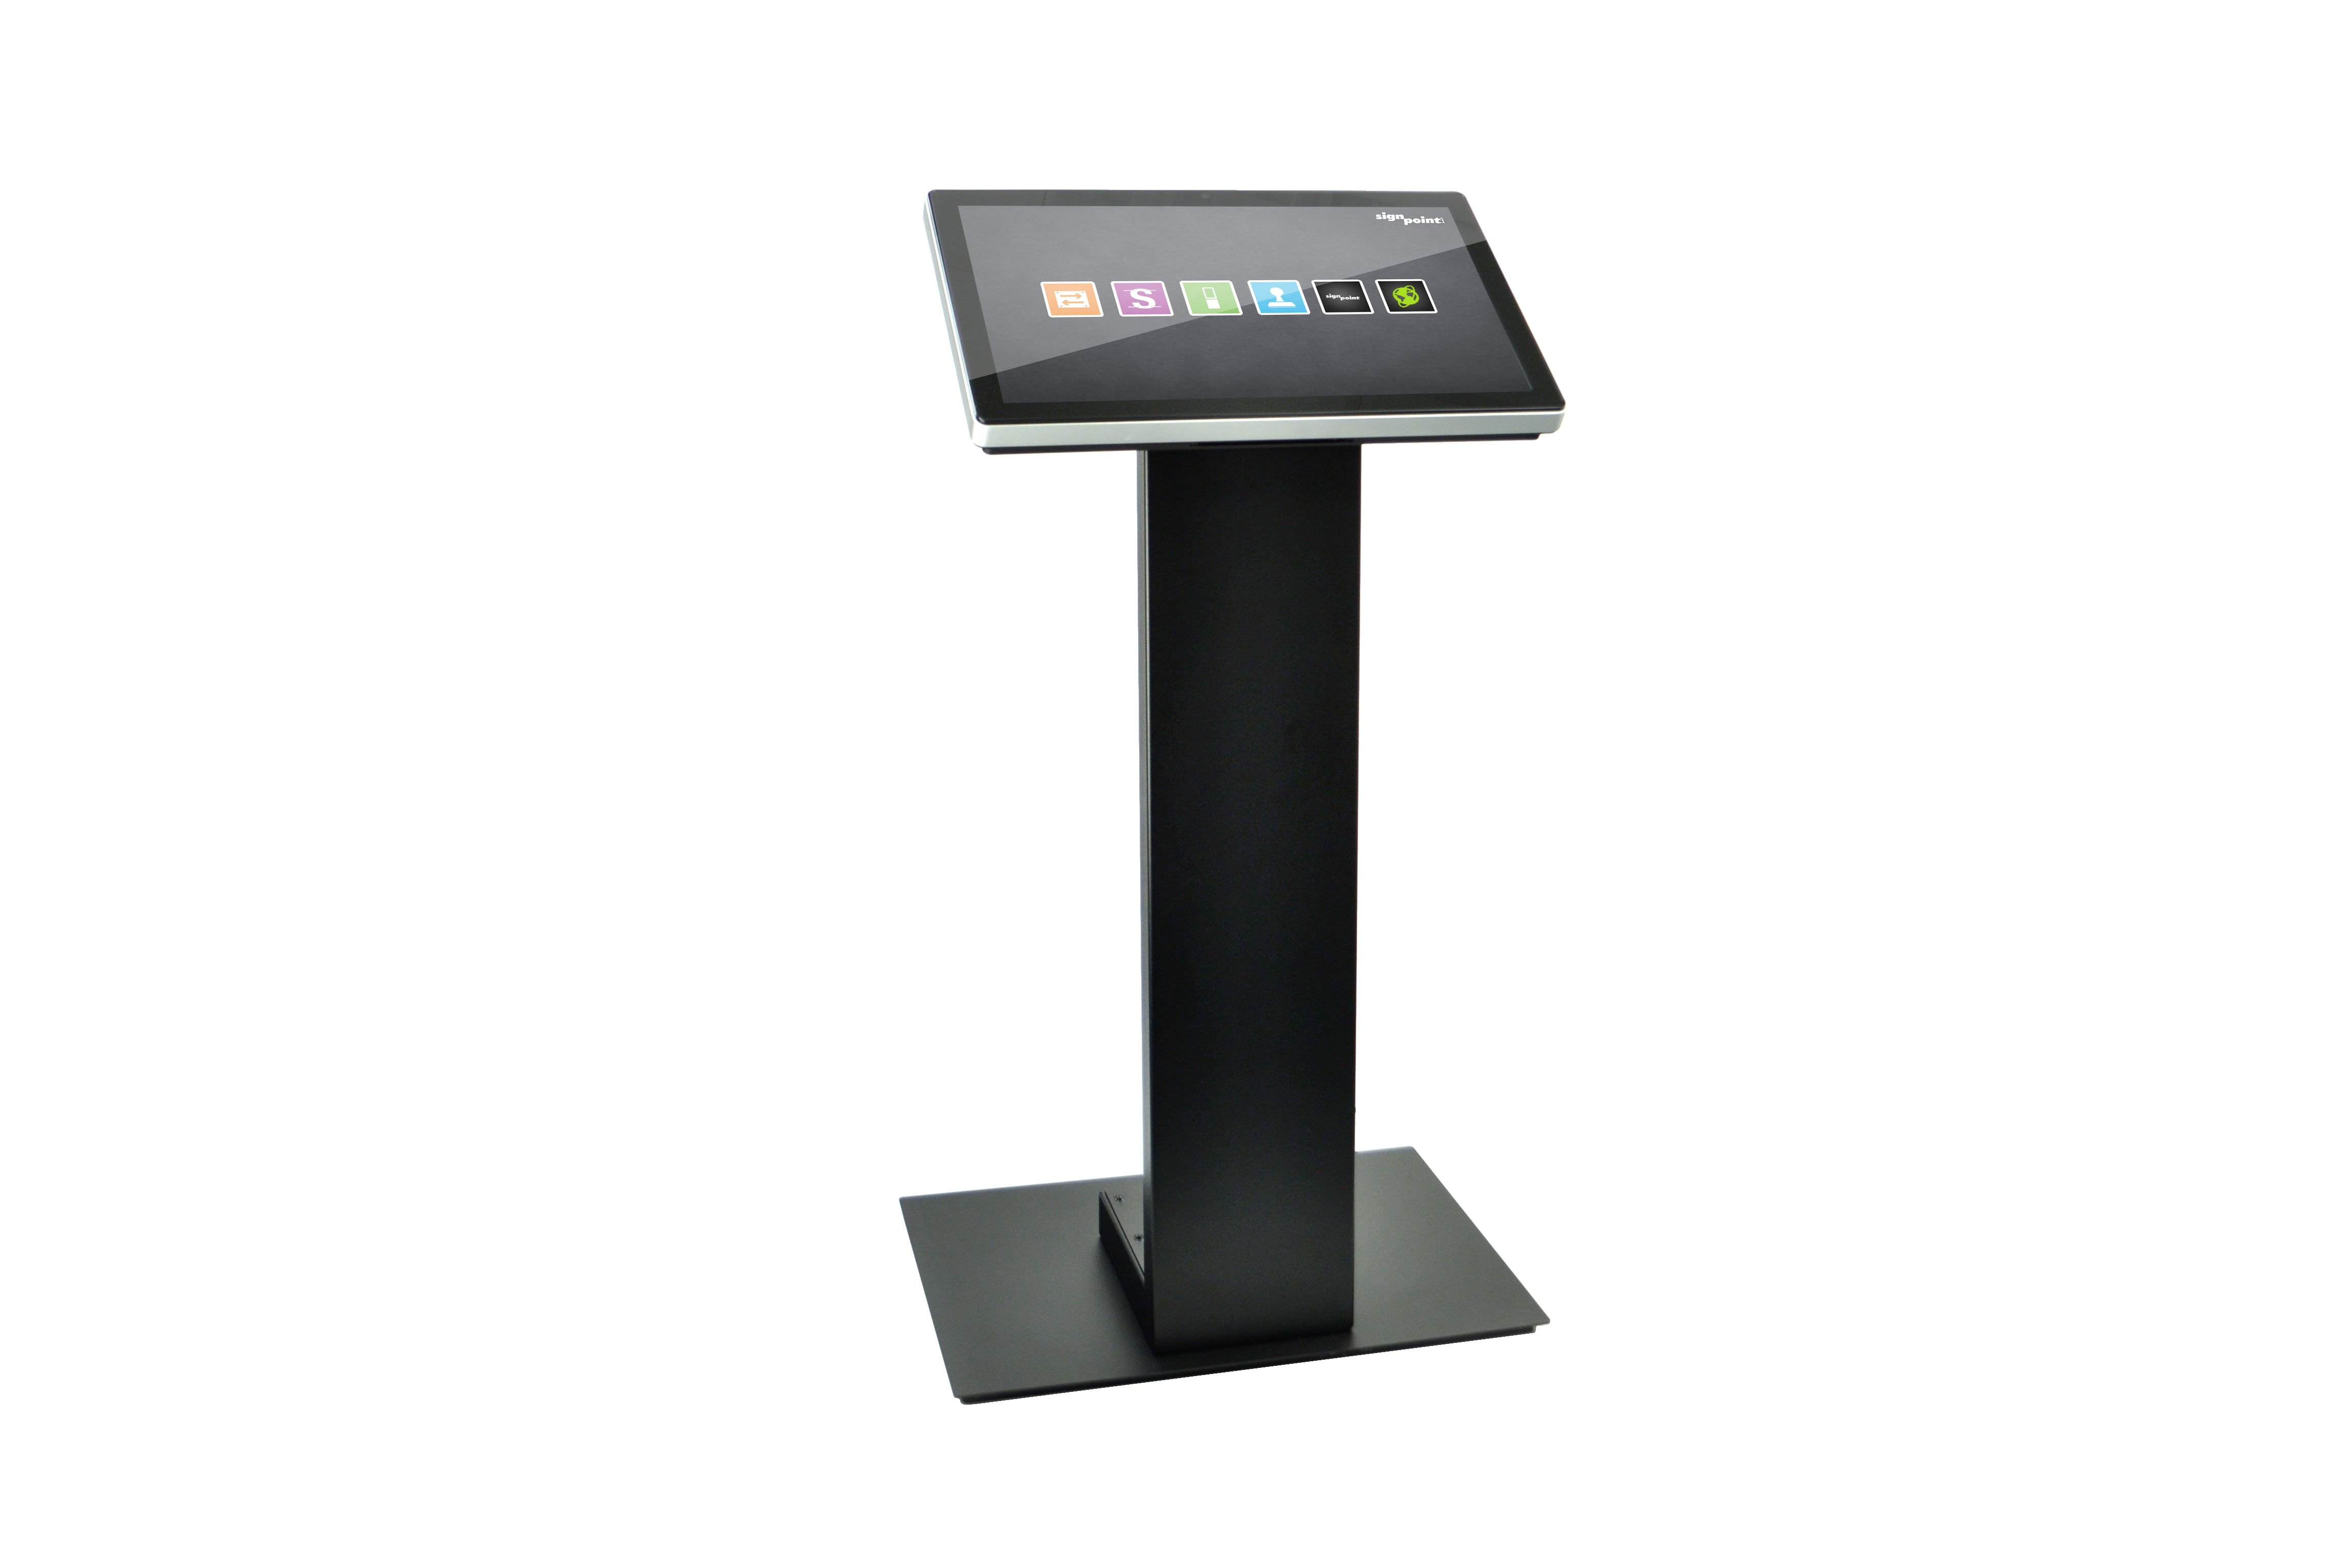 Das signtouch Eco Pult ist die Lösung für den einzelnen Nutzer.